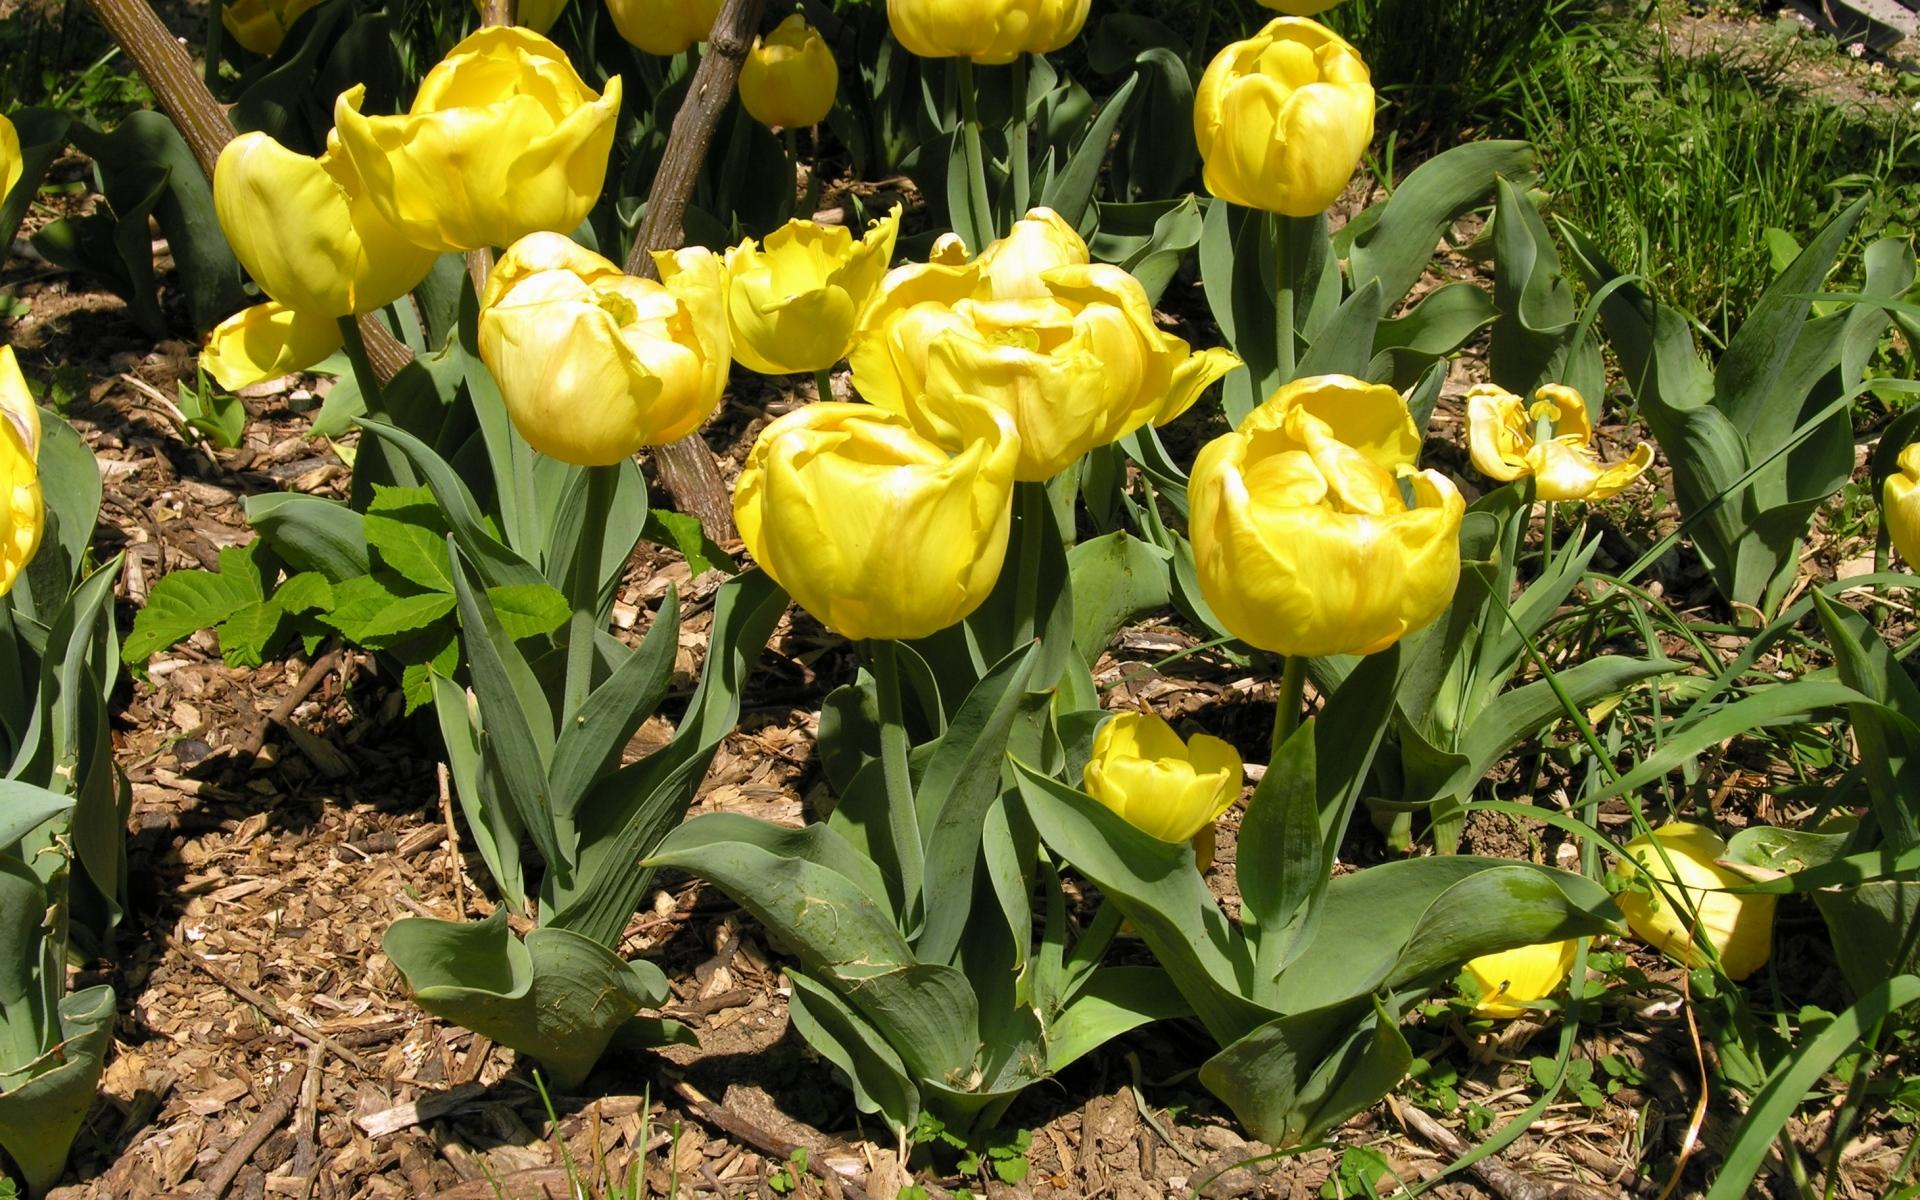 Картинки Тюльпаны, цветы, желтый, клумба, весна, солнечный, зеленый фото и обои на рабочий стол